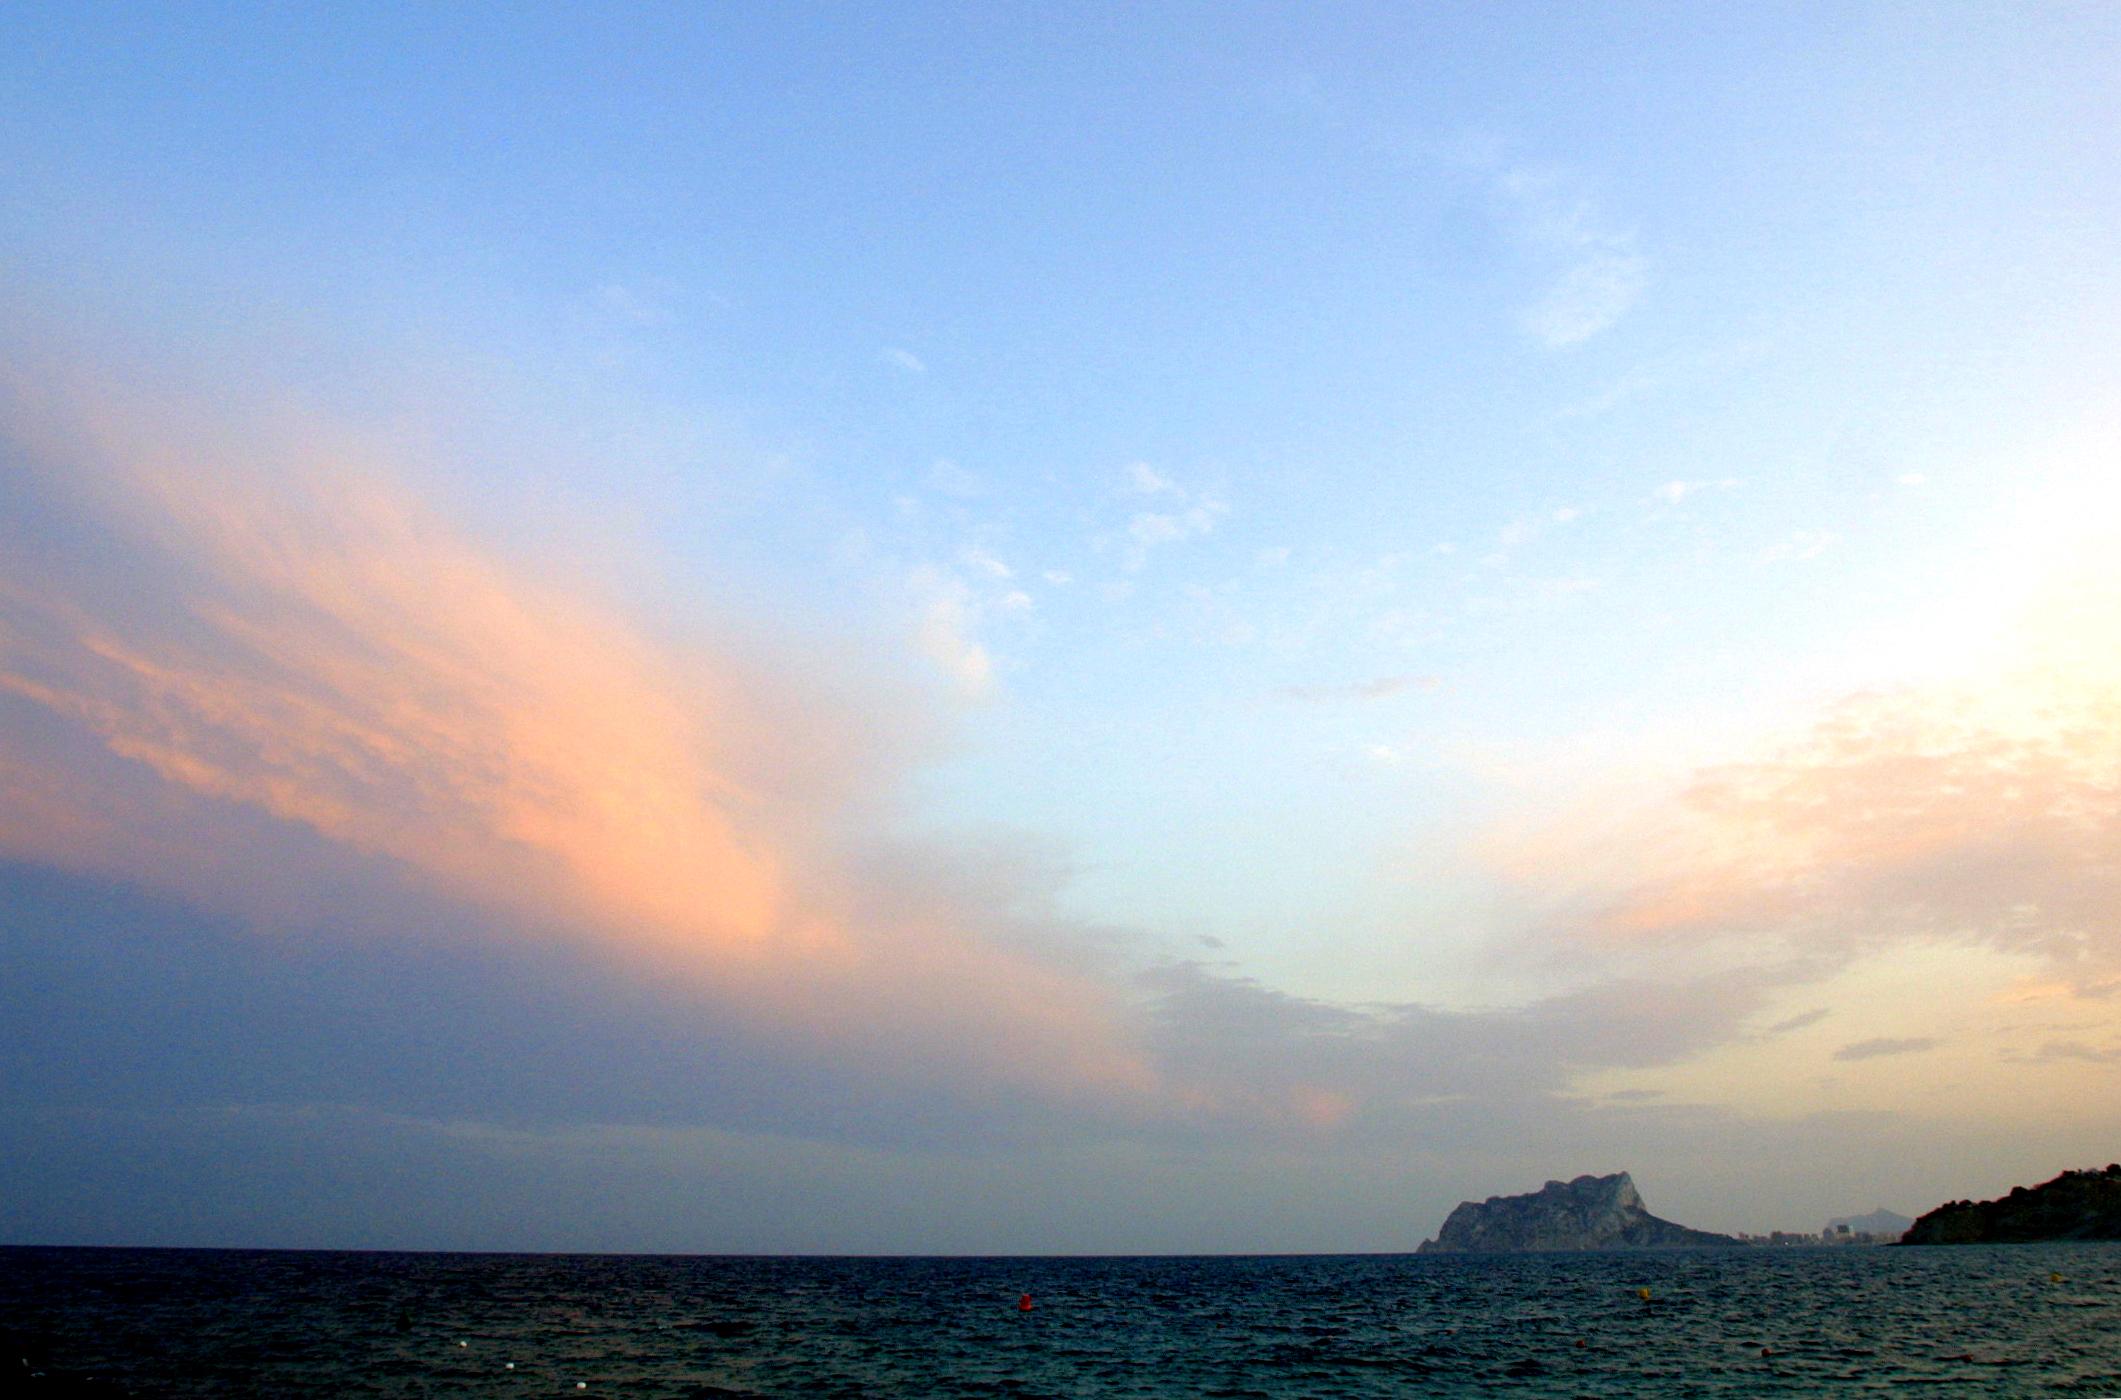 Playa El Portet / El Portet de Moraira